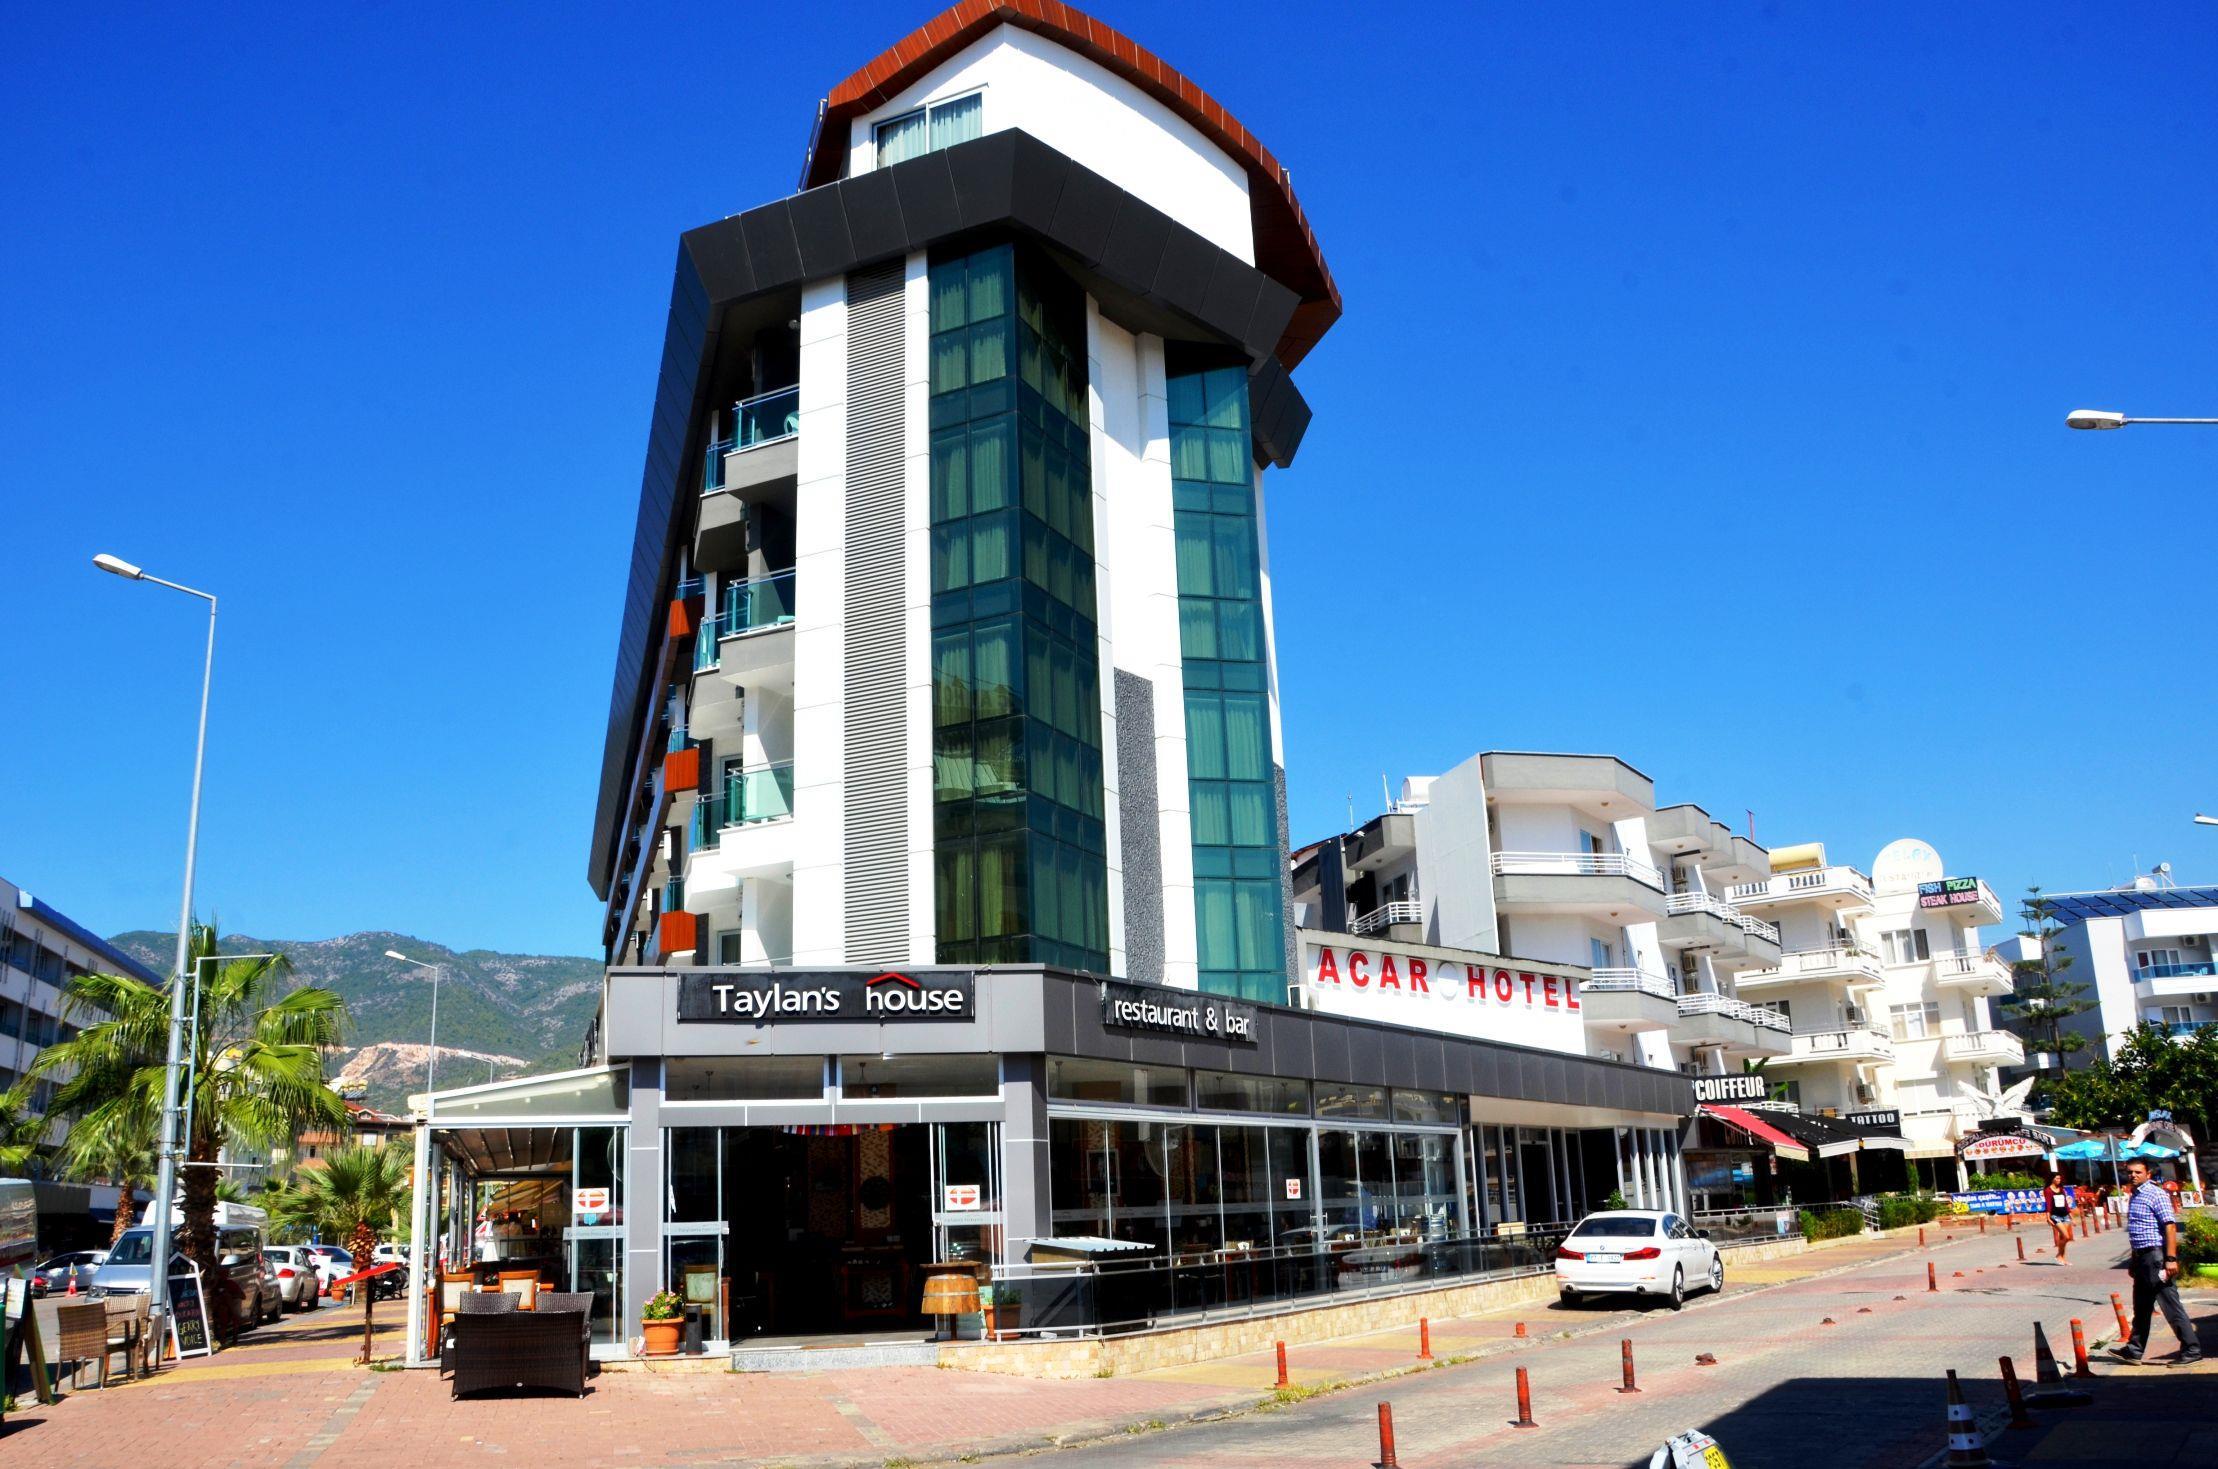 acar-hotel-general-0010